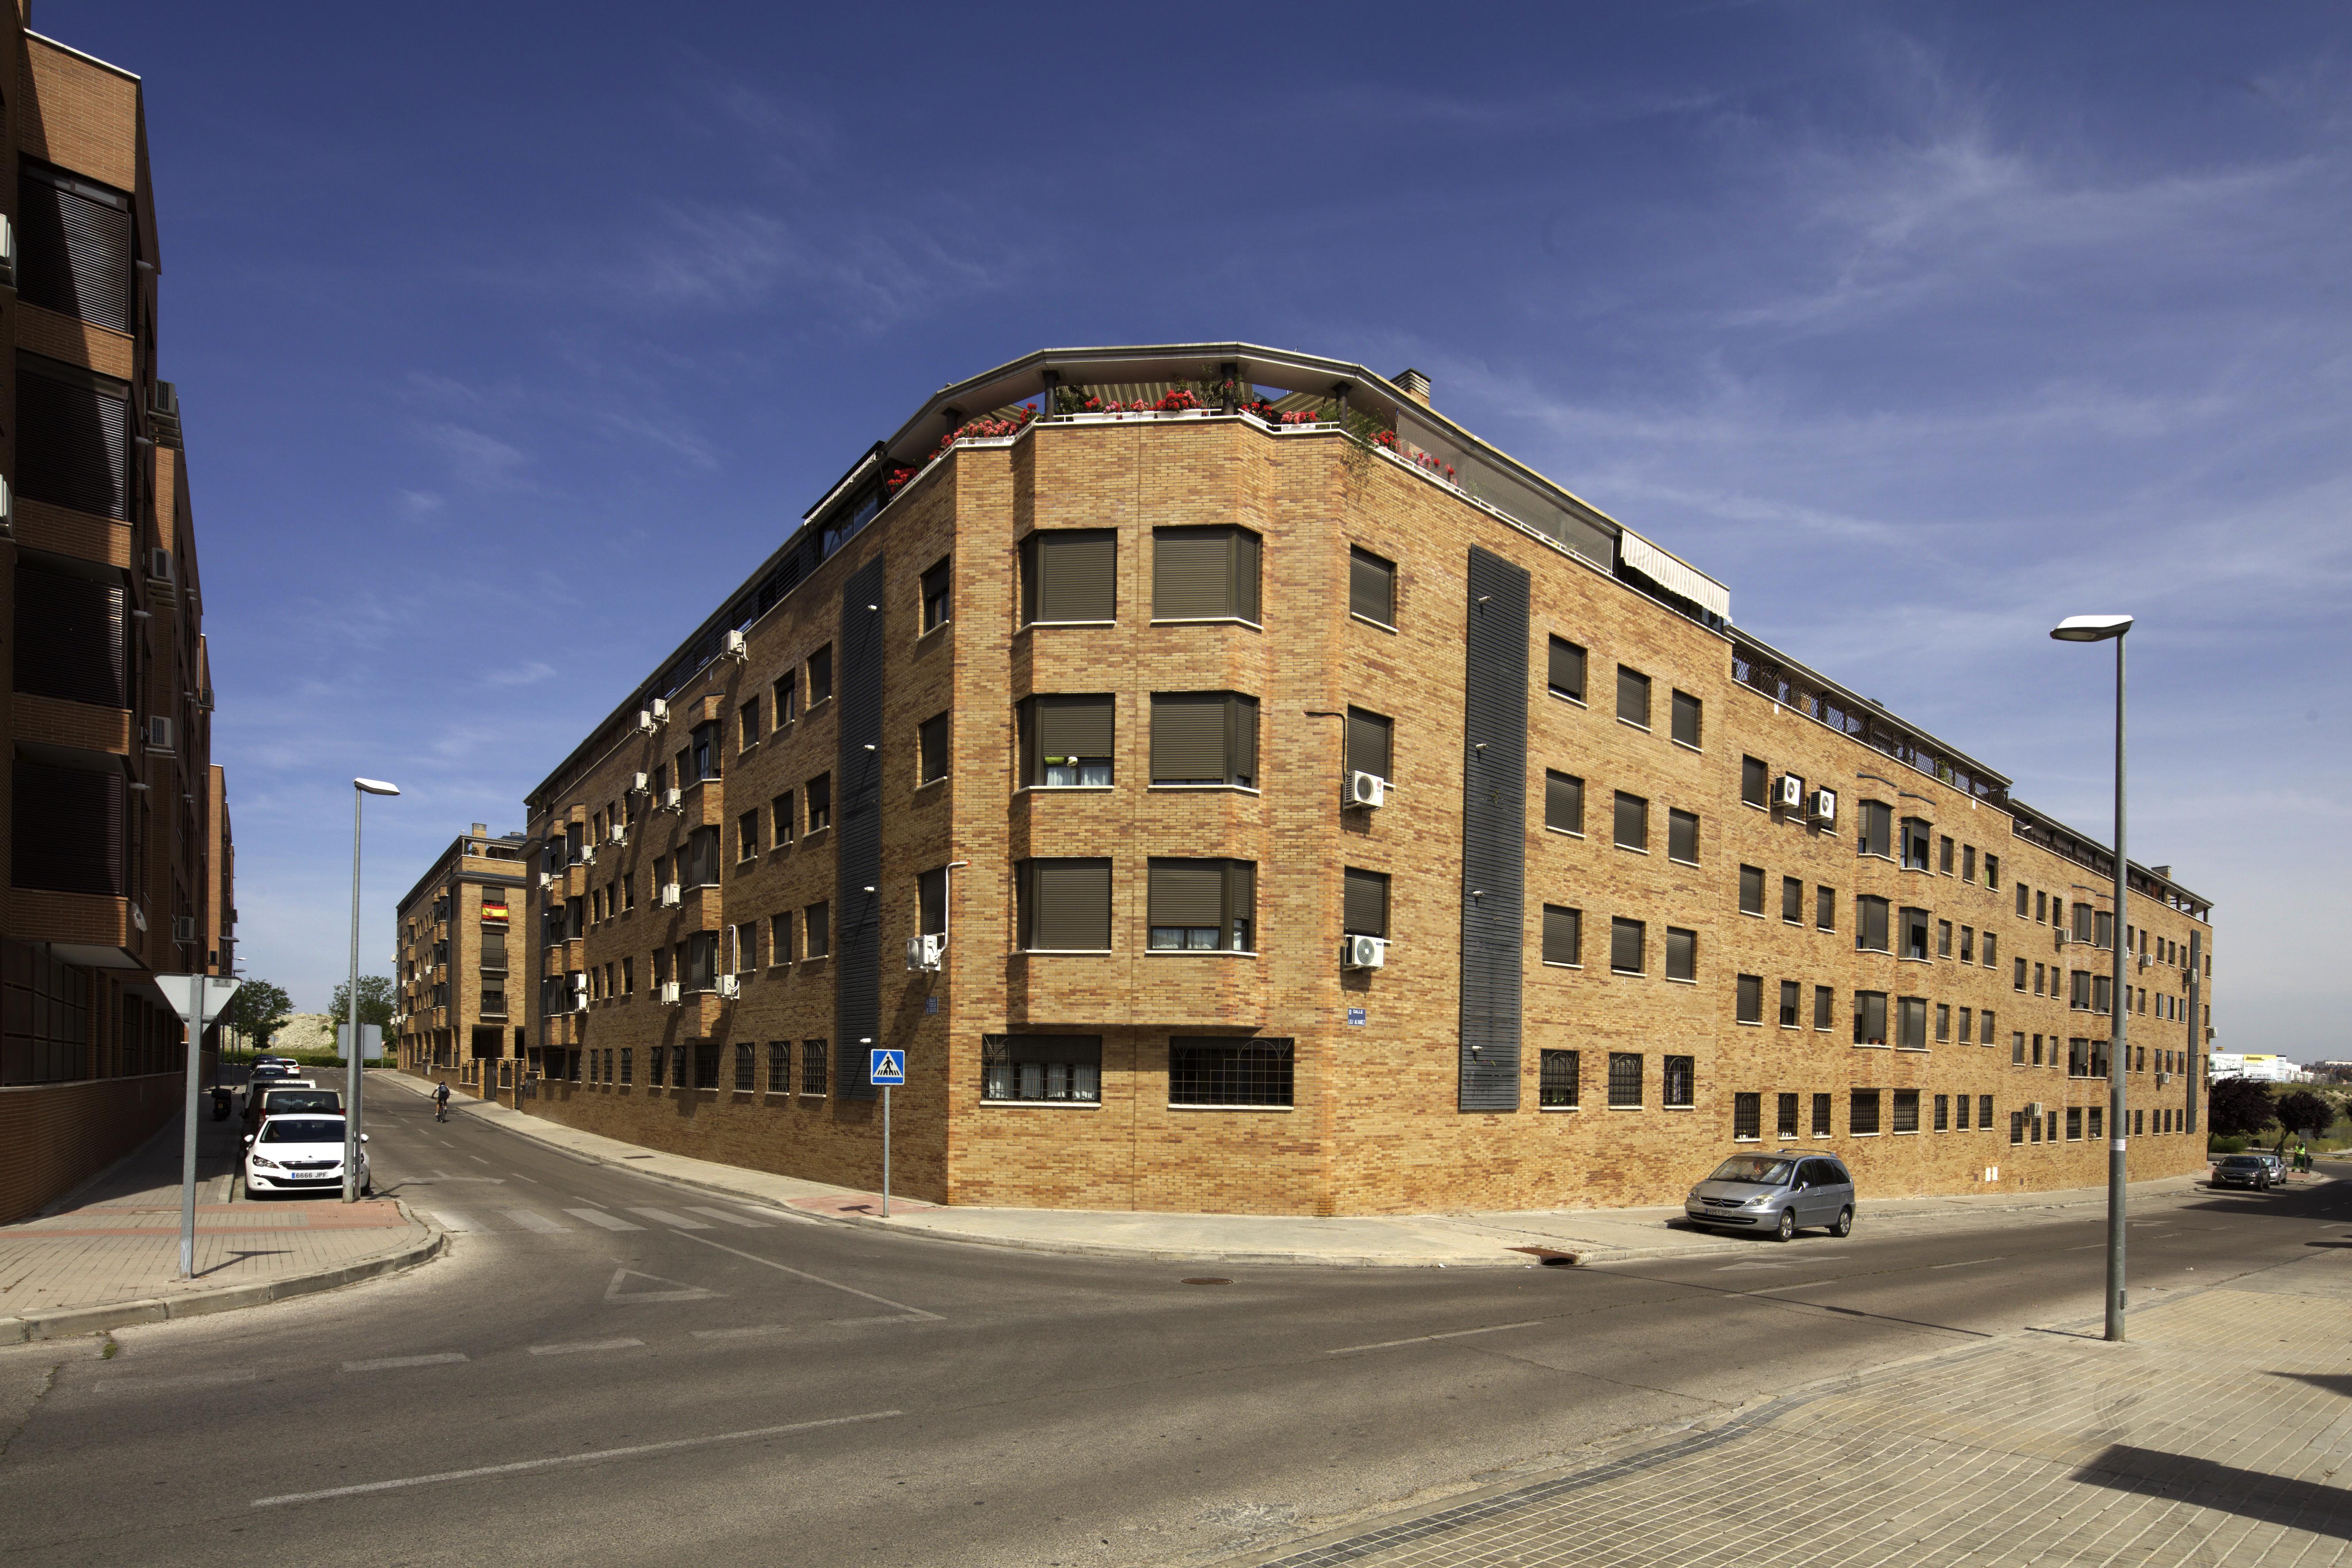 Alquiler pisos baratos en valdemoro habitaclia - Pisos baratos en valdemoro ...